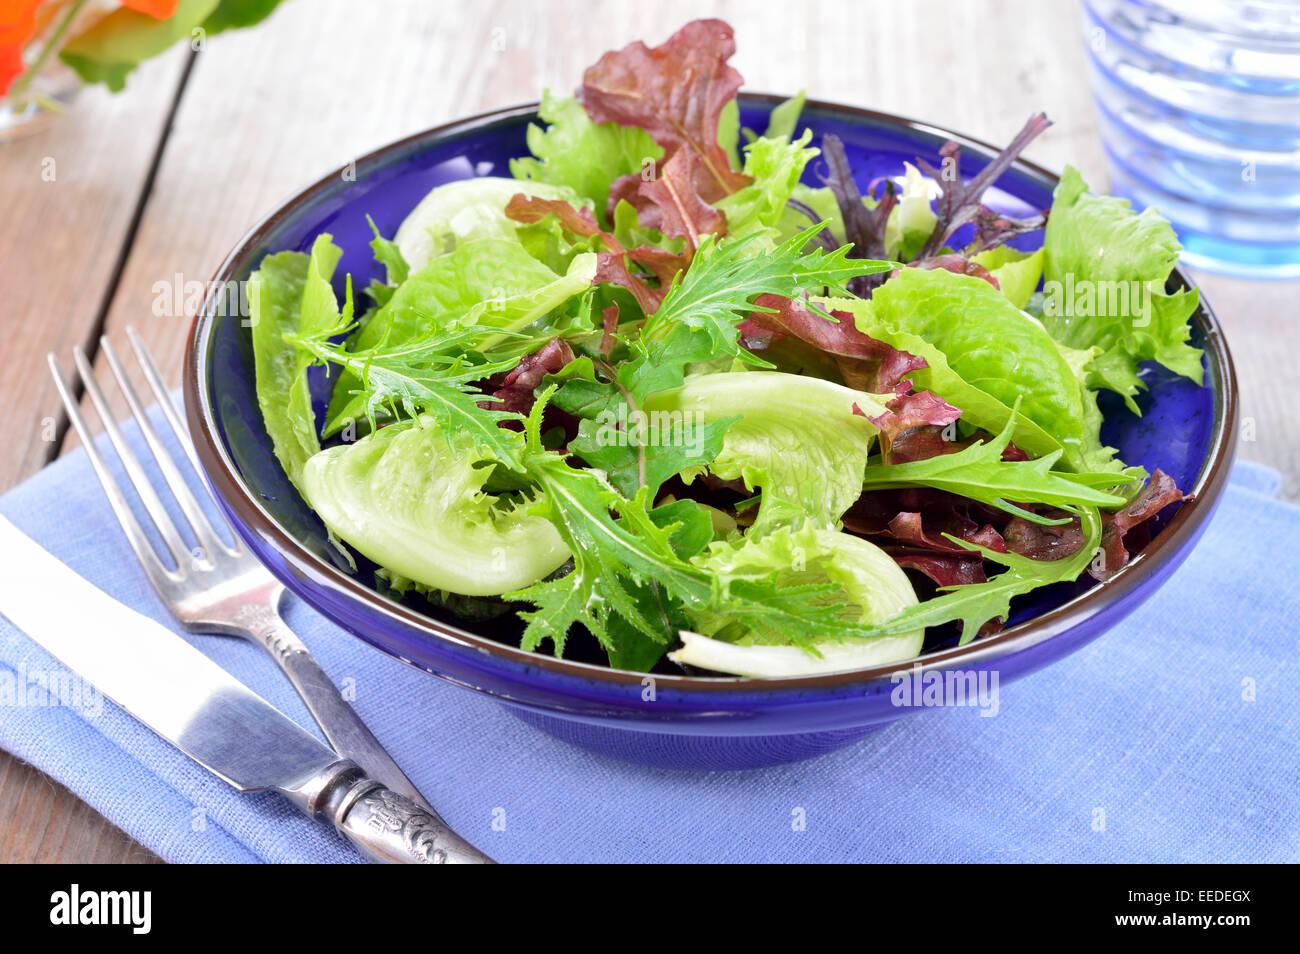 Fresca luce miscelata foglie verde insalata. La lattuga mizuna, rucola e lattuga oakleave nel vaso blu su un tavolo. Immagini Stock